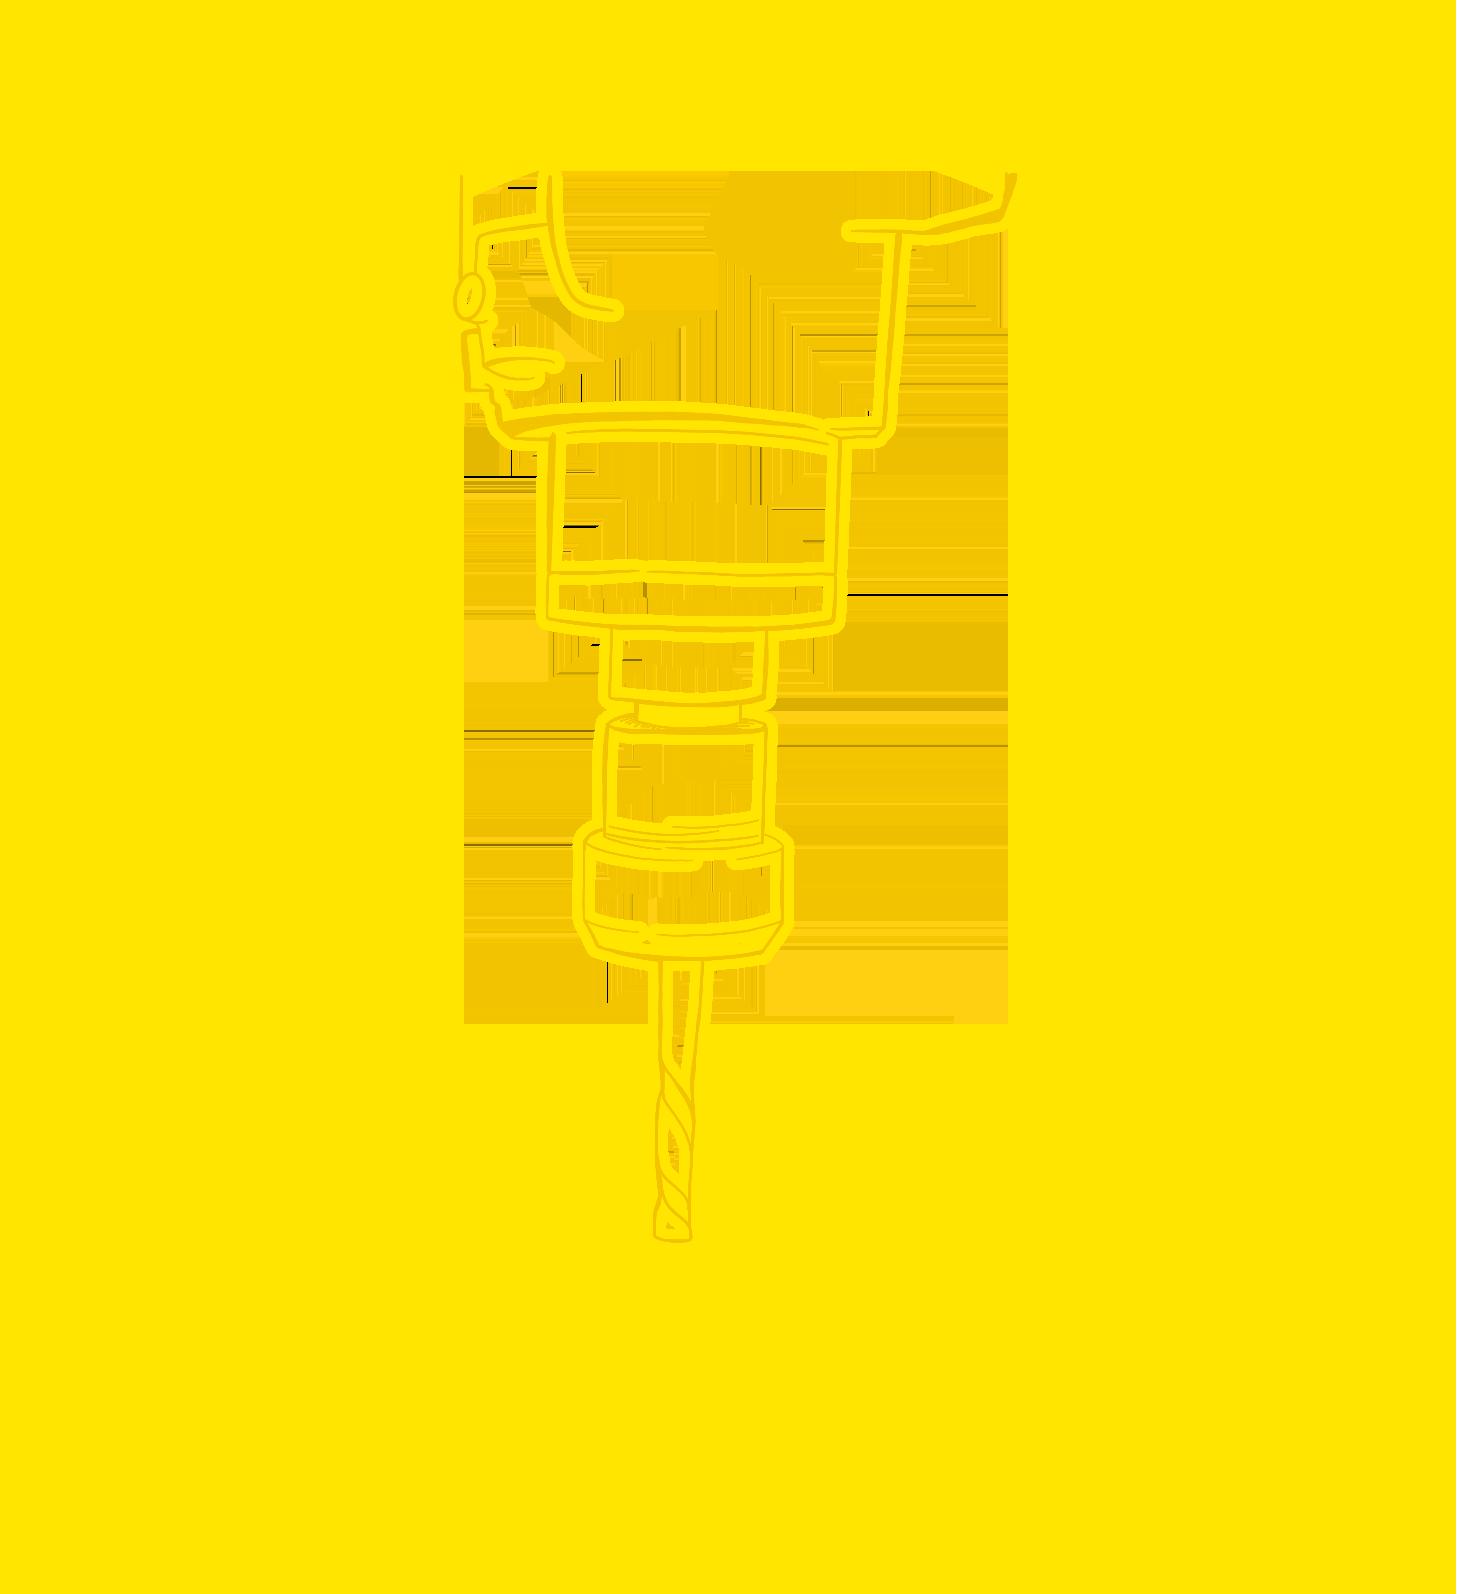 Machuelado - Elaboramos cuerdas roscadas en diferentes metales por medio de machuelos rectos o helicoidales.